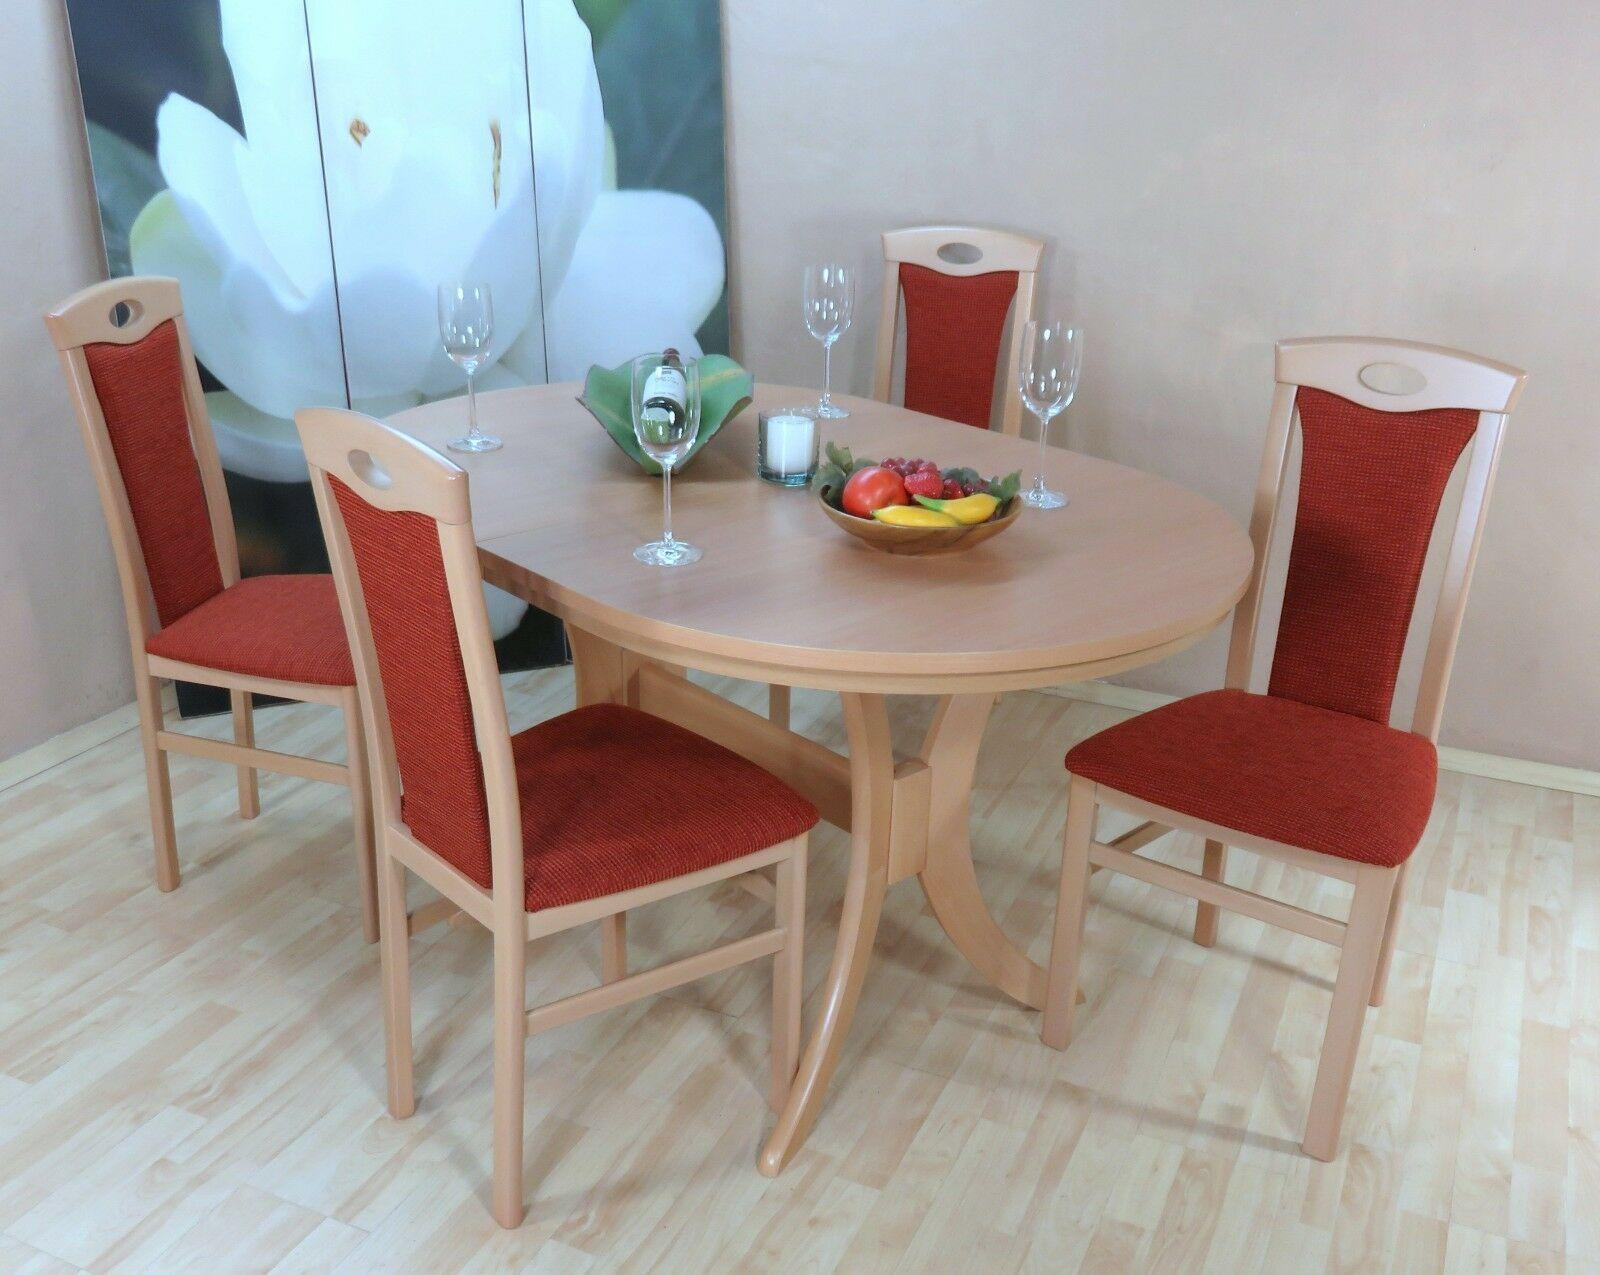 Moderne Tischgruppe 5 Teilig Buche Massiv Natur Terracotta Esstisch